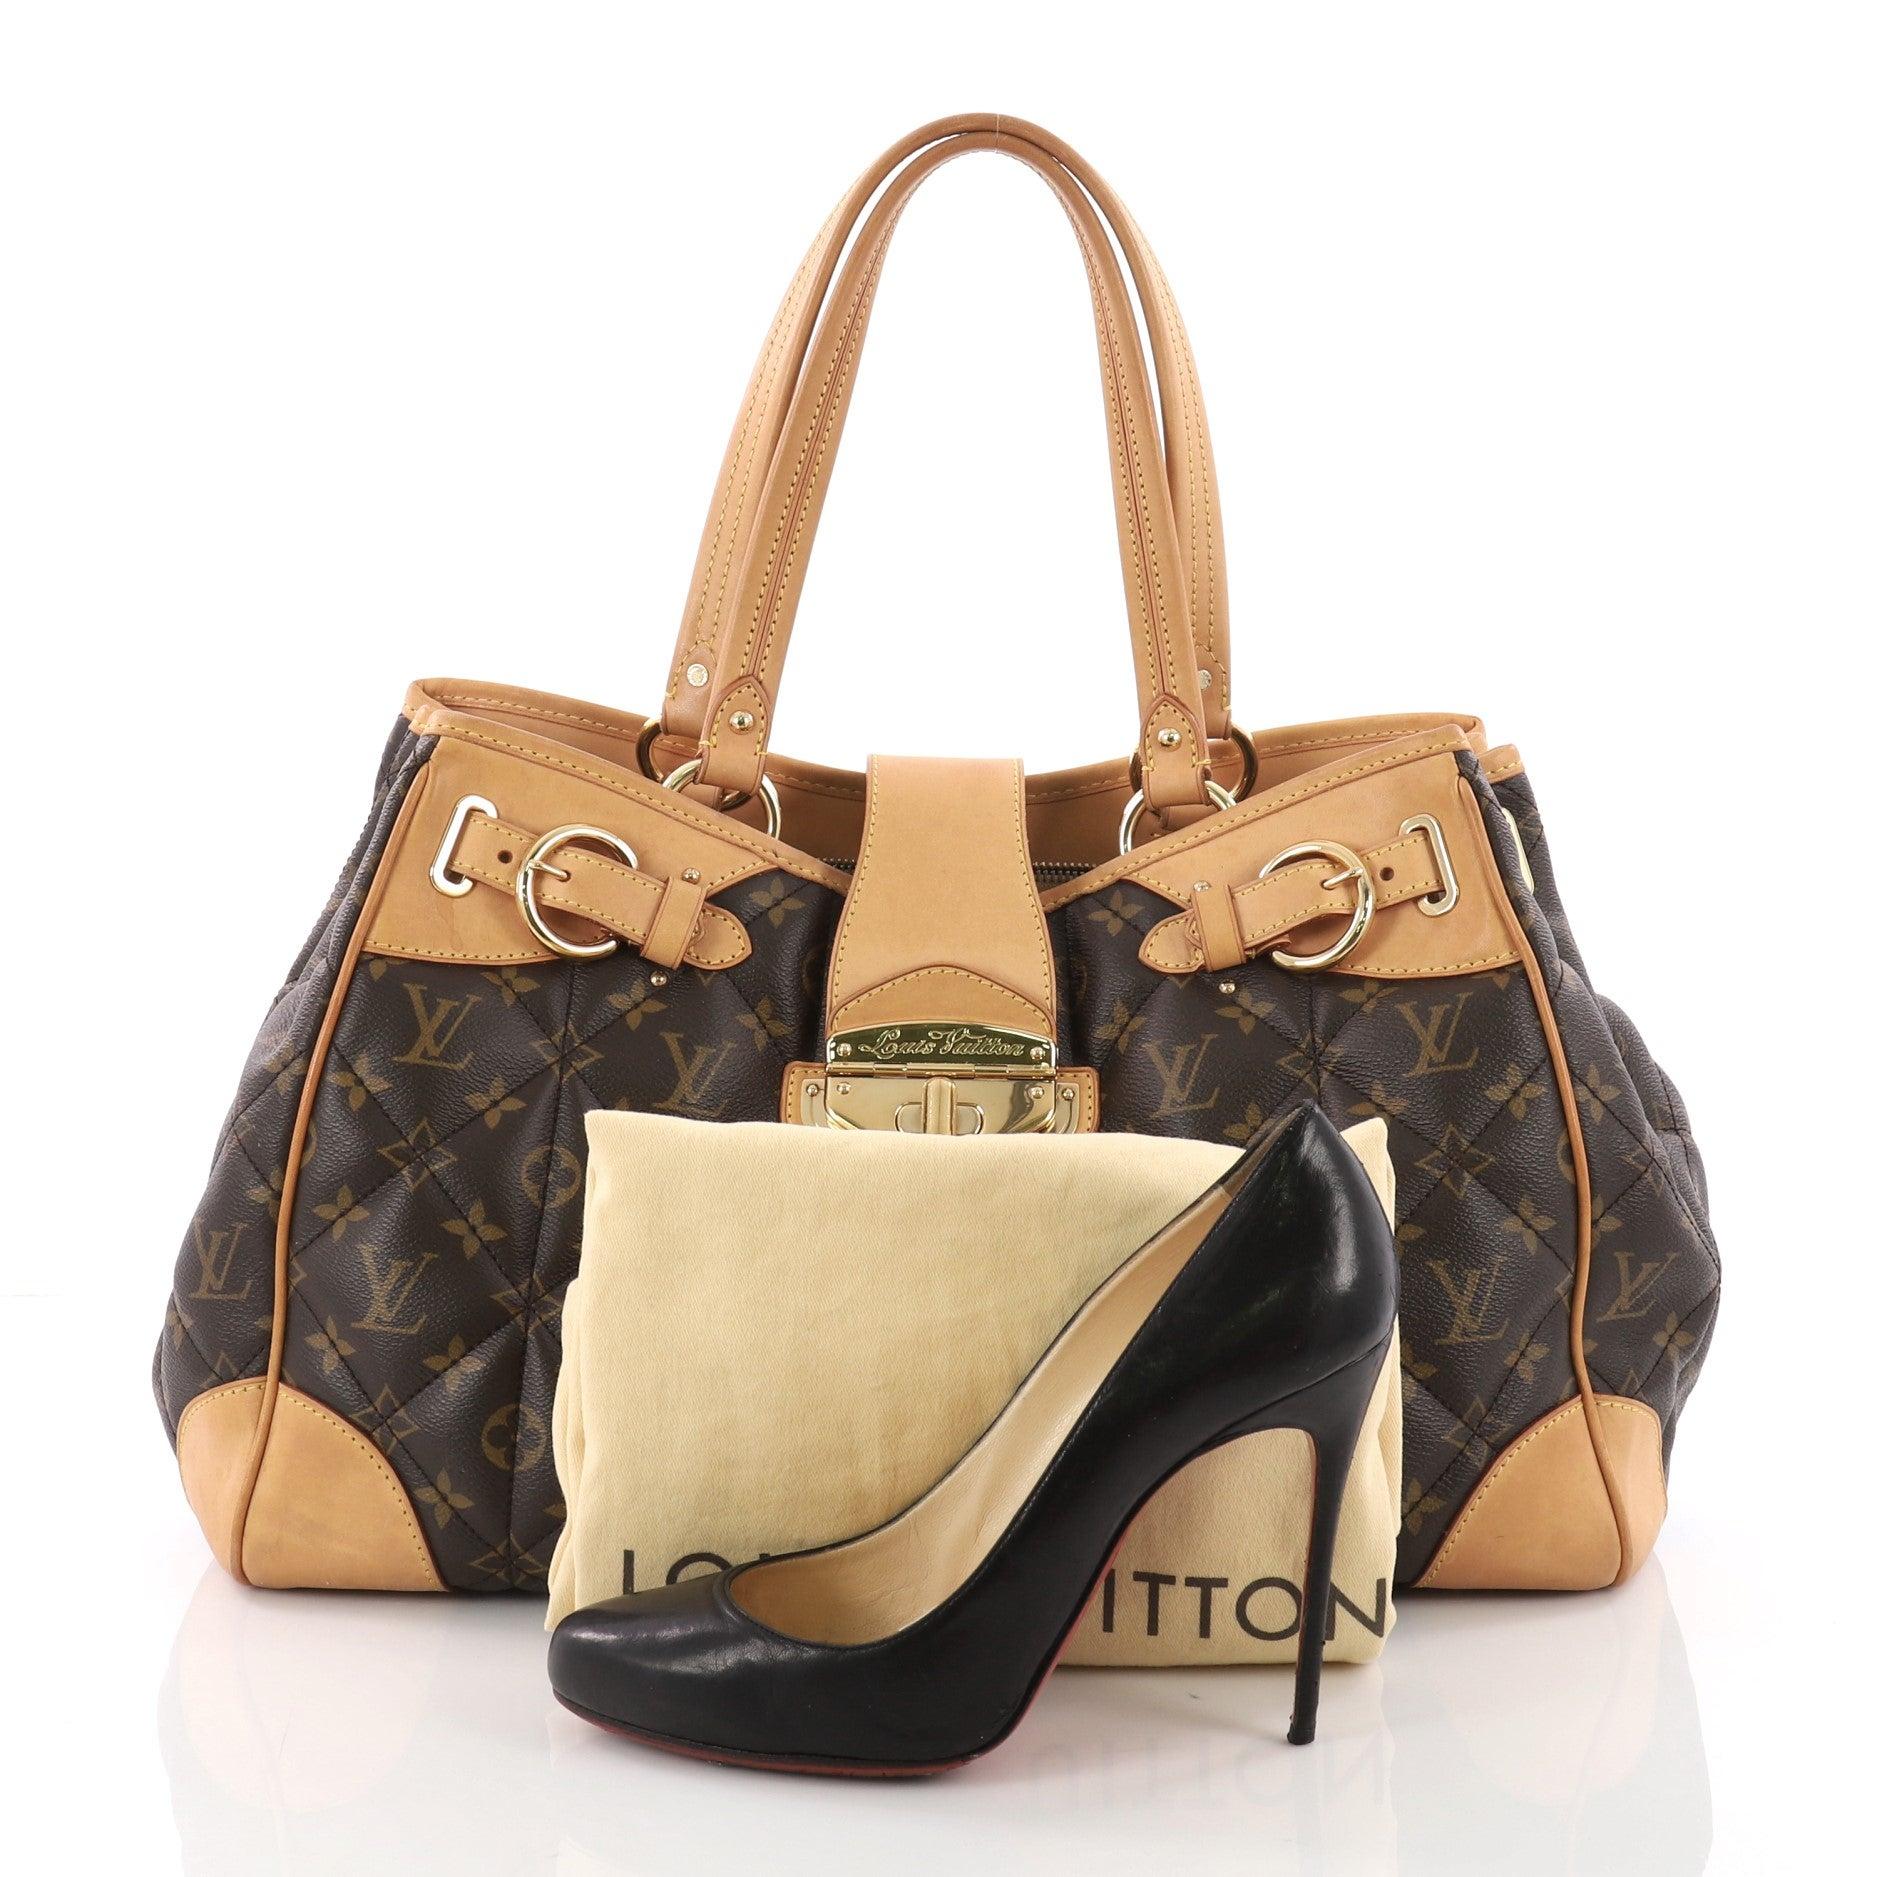 07e1520543ef Louis Vuitton Shopper Monogram Etoile at 1stdibs